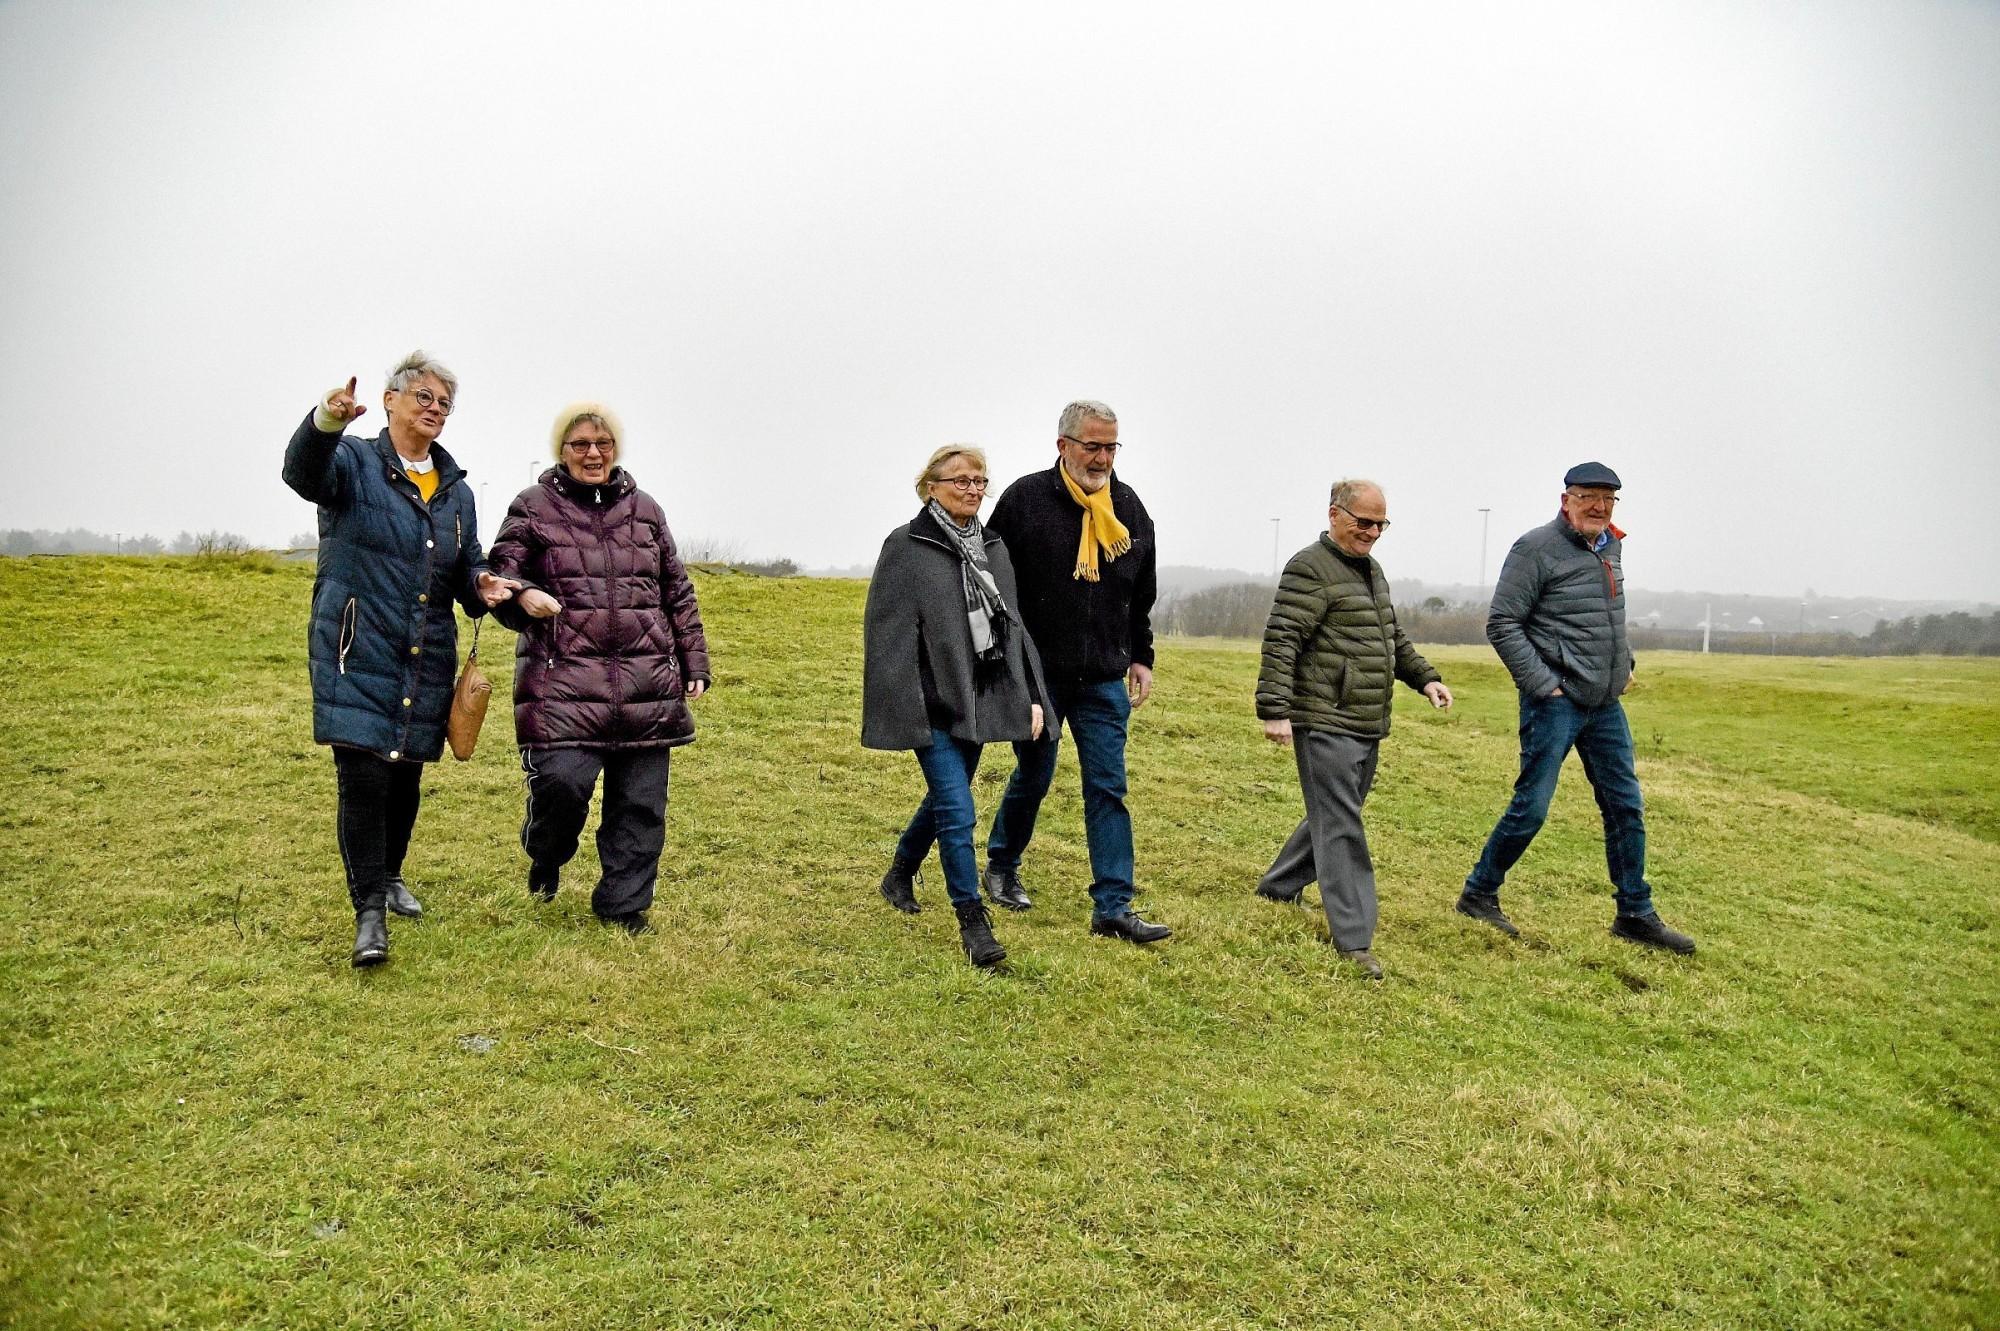 Vi er mange i Hanstholm der gerne vil blive ældre i Hanstholm - men der skal være nogle gode boliger at flytte ind i - helst med fællesskab. Foto: Ole Iversen